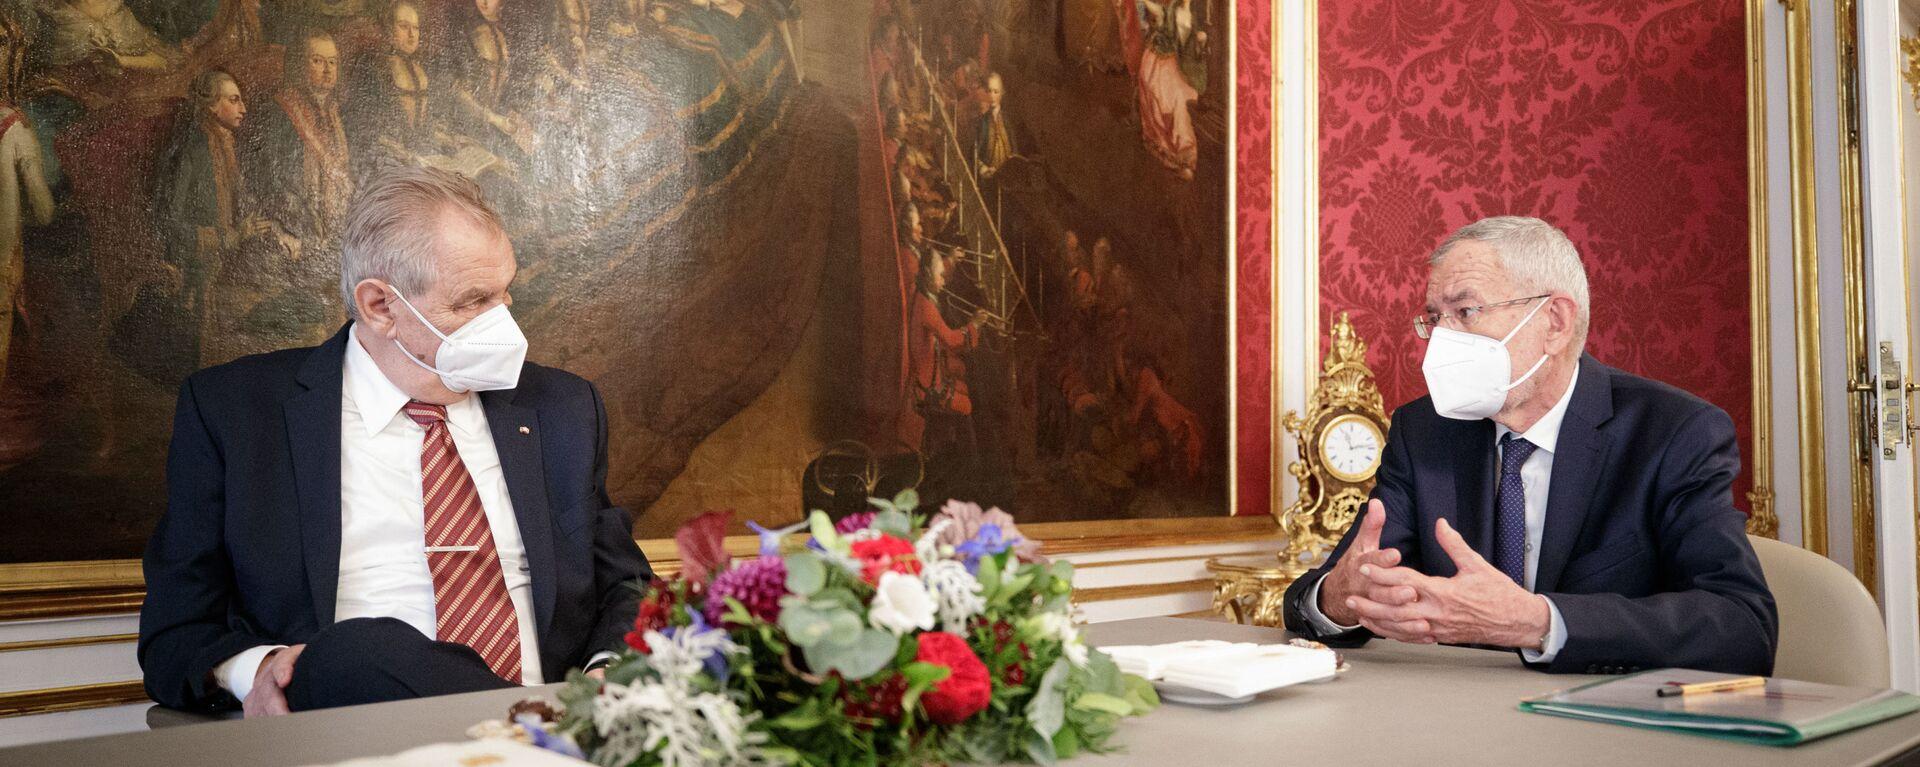 Rakouský prezident Alexander Van der Bellen a prezident ČR Miloš Zeman ve Vídni - Sputnik Česká republika, 1920, 10.06.2021